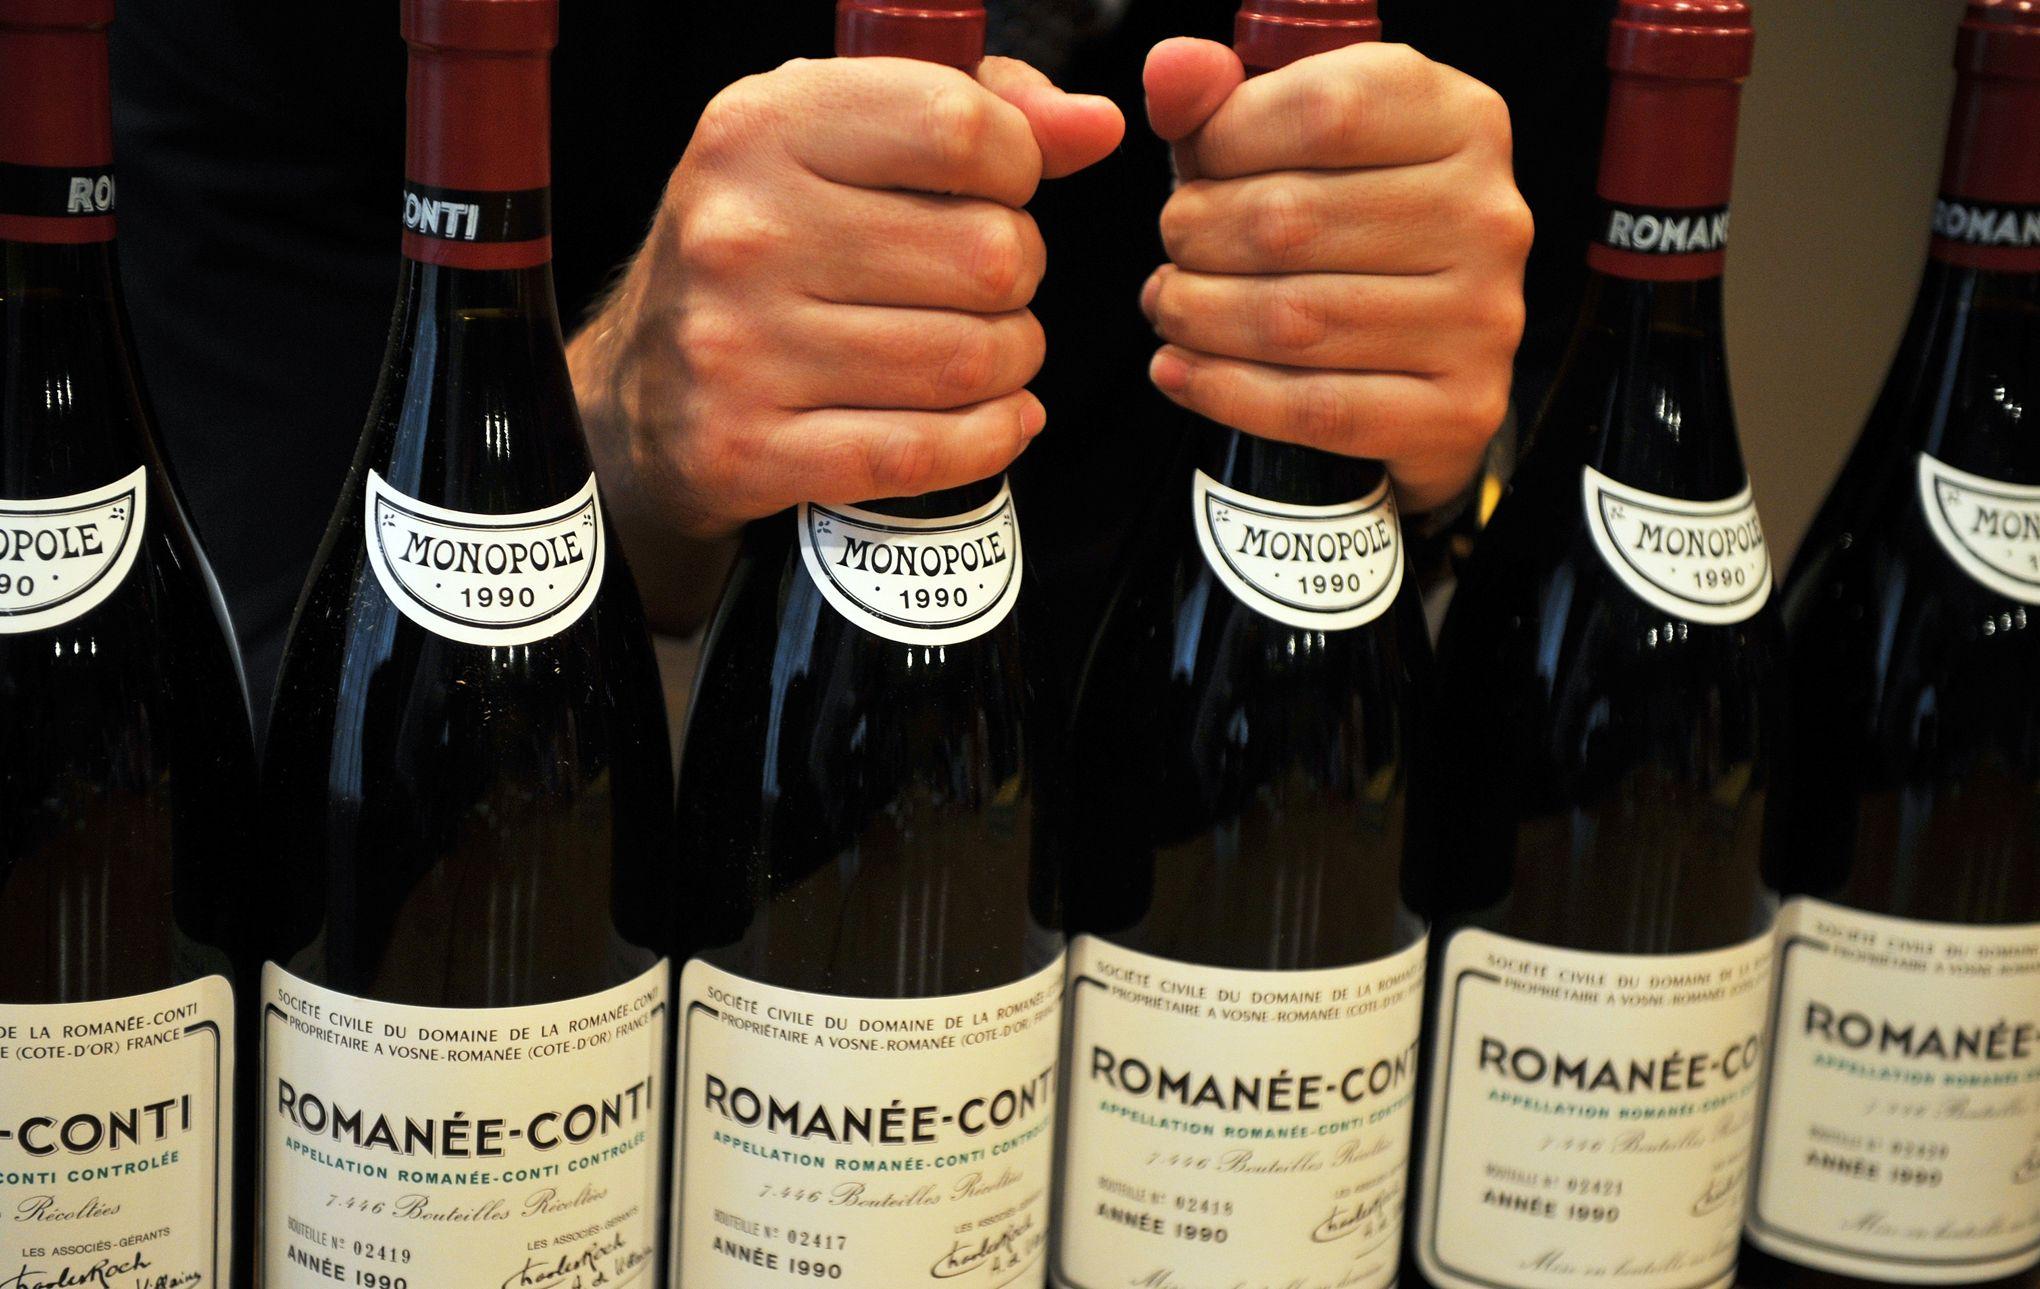 Le Romanee Conti N Est Plus Le Vin Le Plus Cher Du Monde